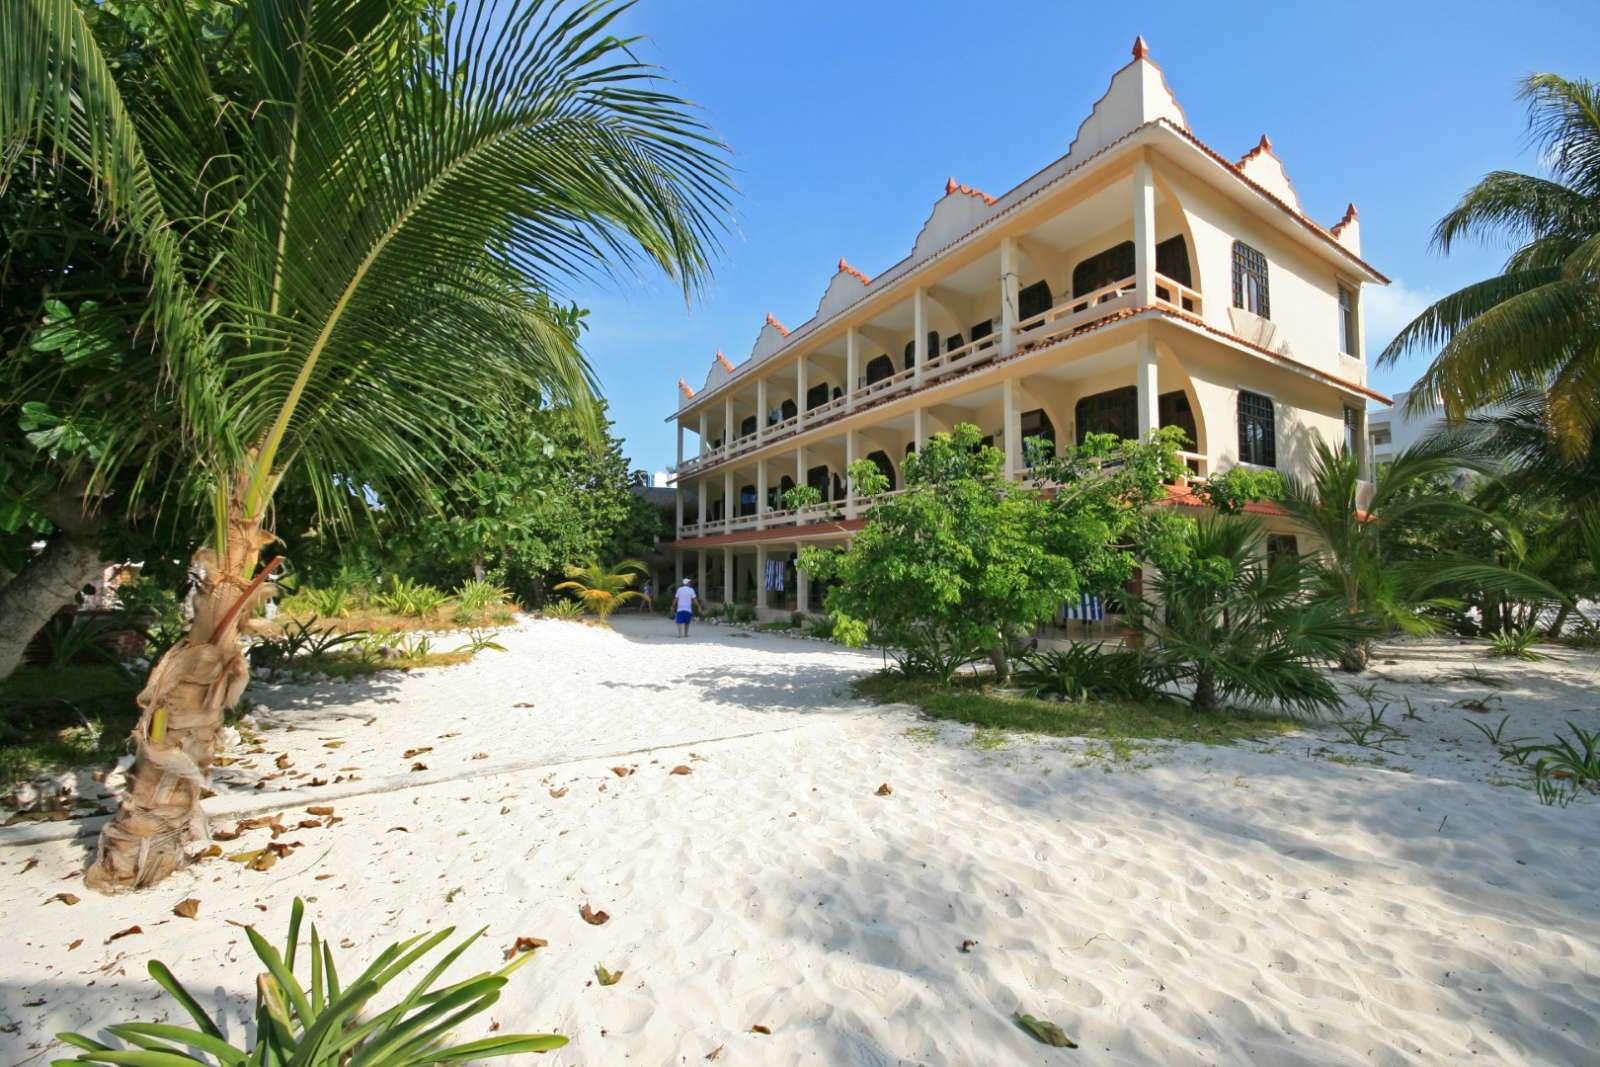 Cabanas Maria Del Mar, Isla Mujeres